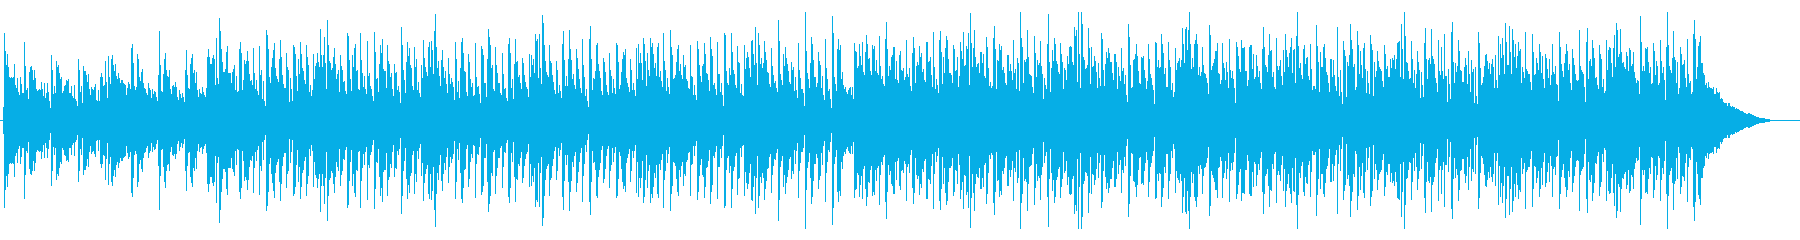 ニュースヘッドライン等にシンプル4つ打ちの再生済みの波形